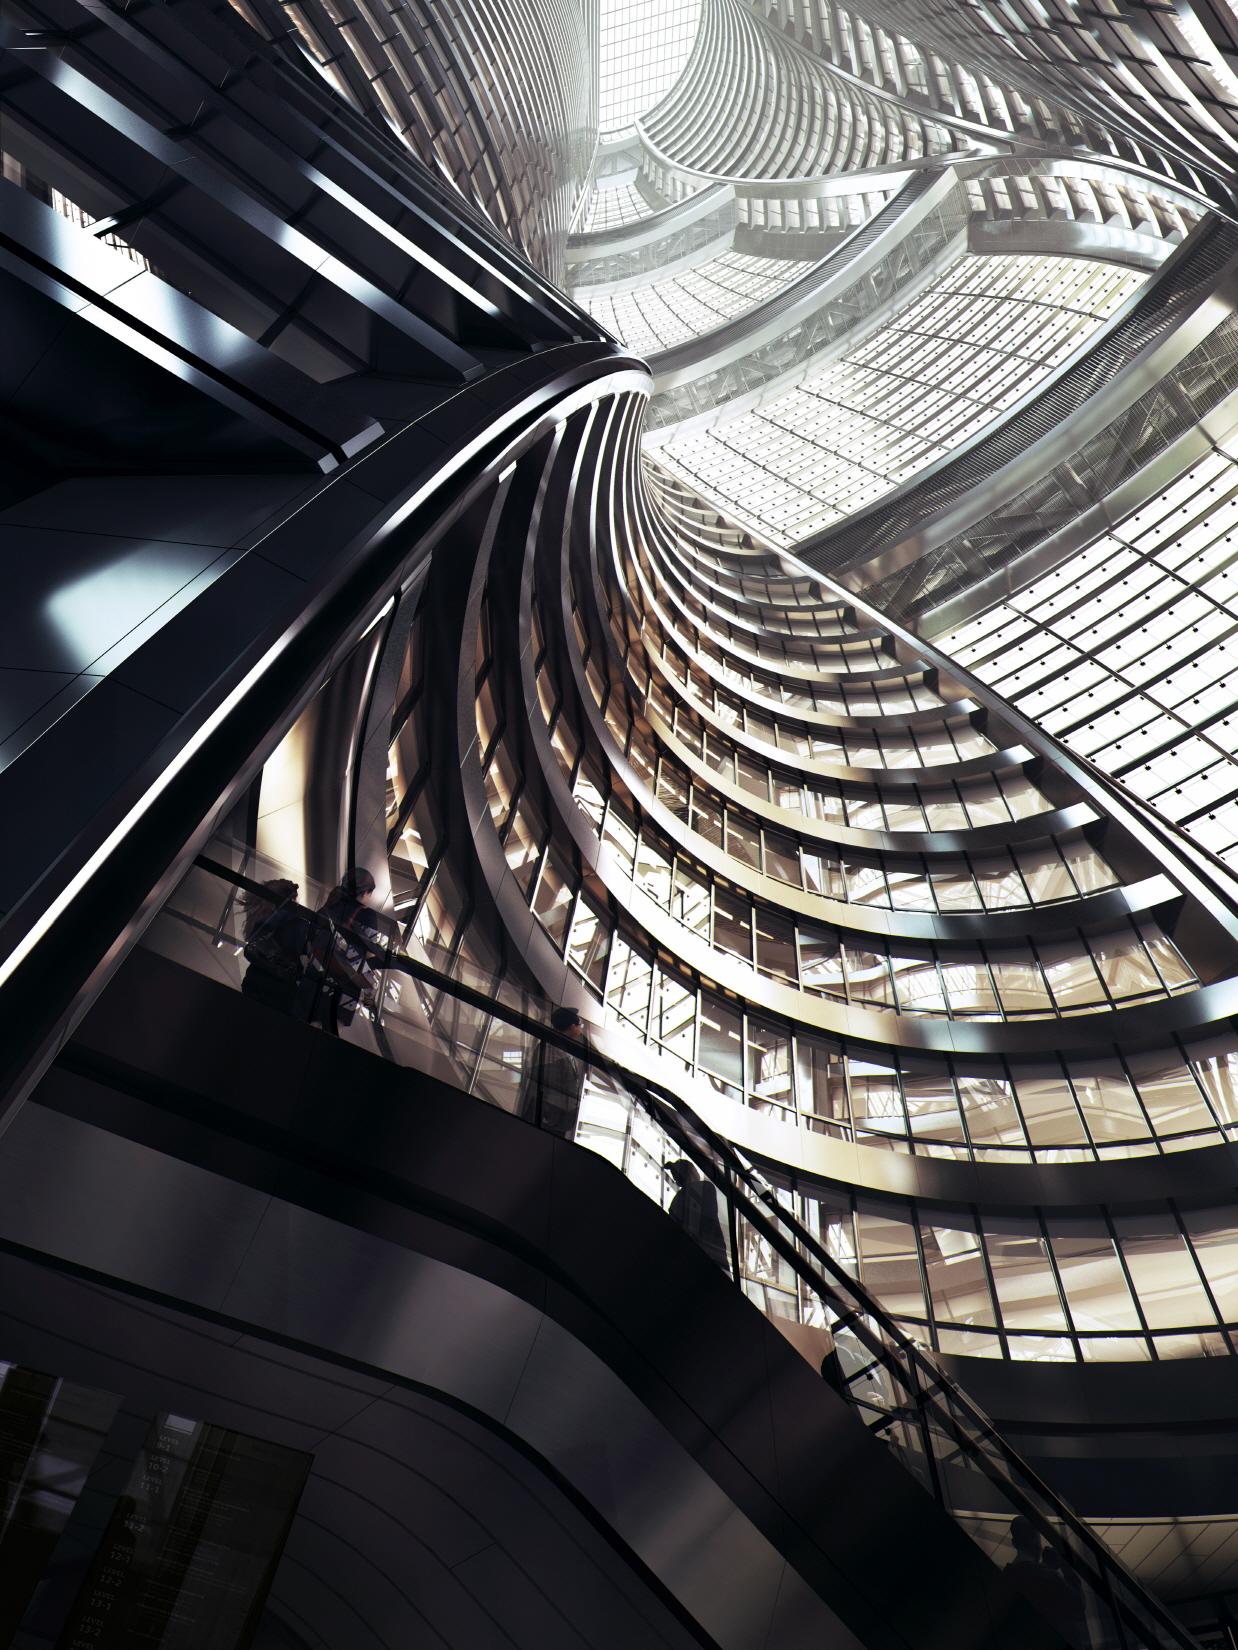 〔안정원의 건축 칼럼〕 190m 거대한 아트리움을 품고 있는 207m 초고층타워